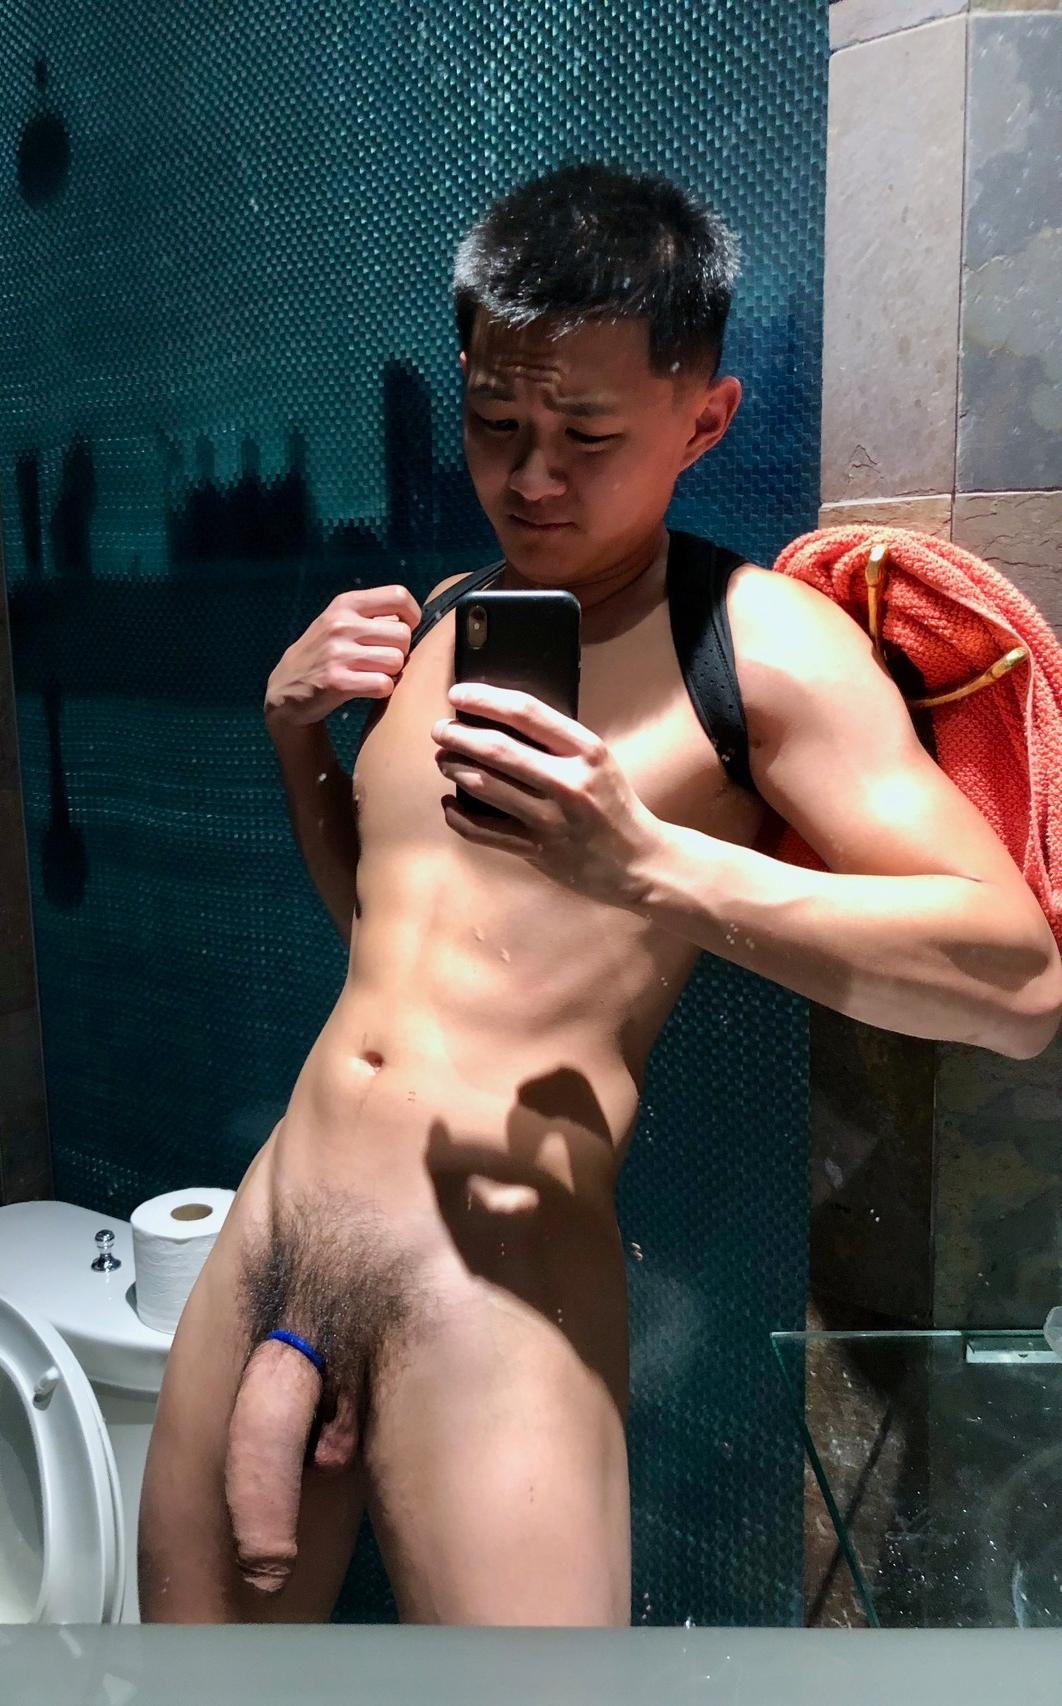 Asian cock big Average Penis